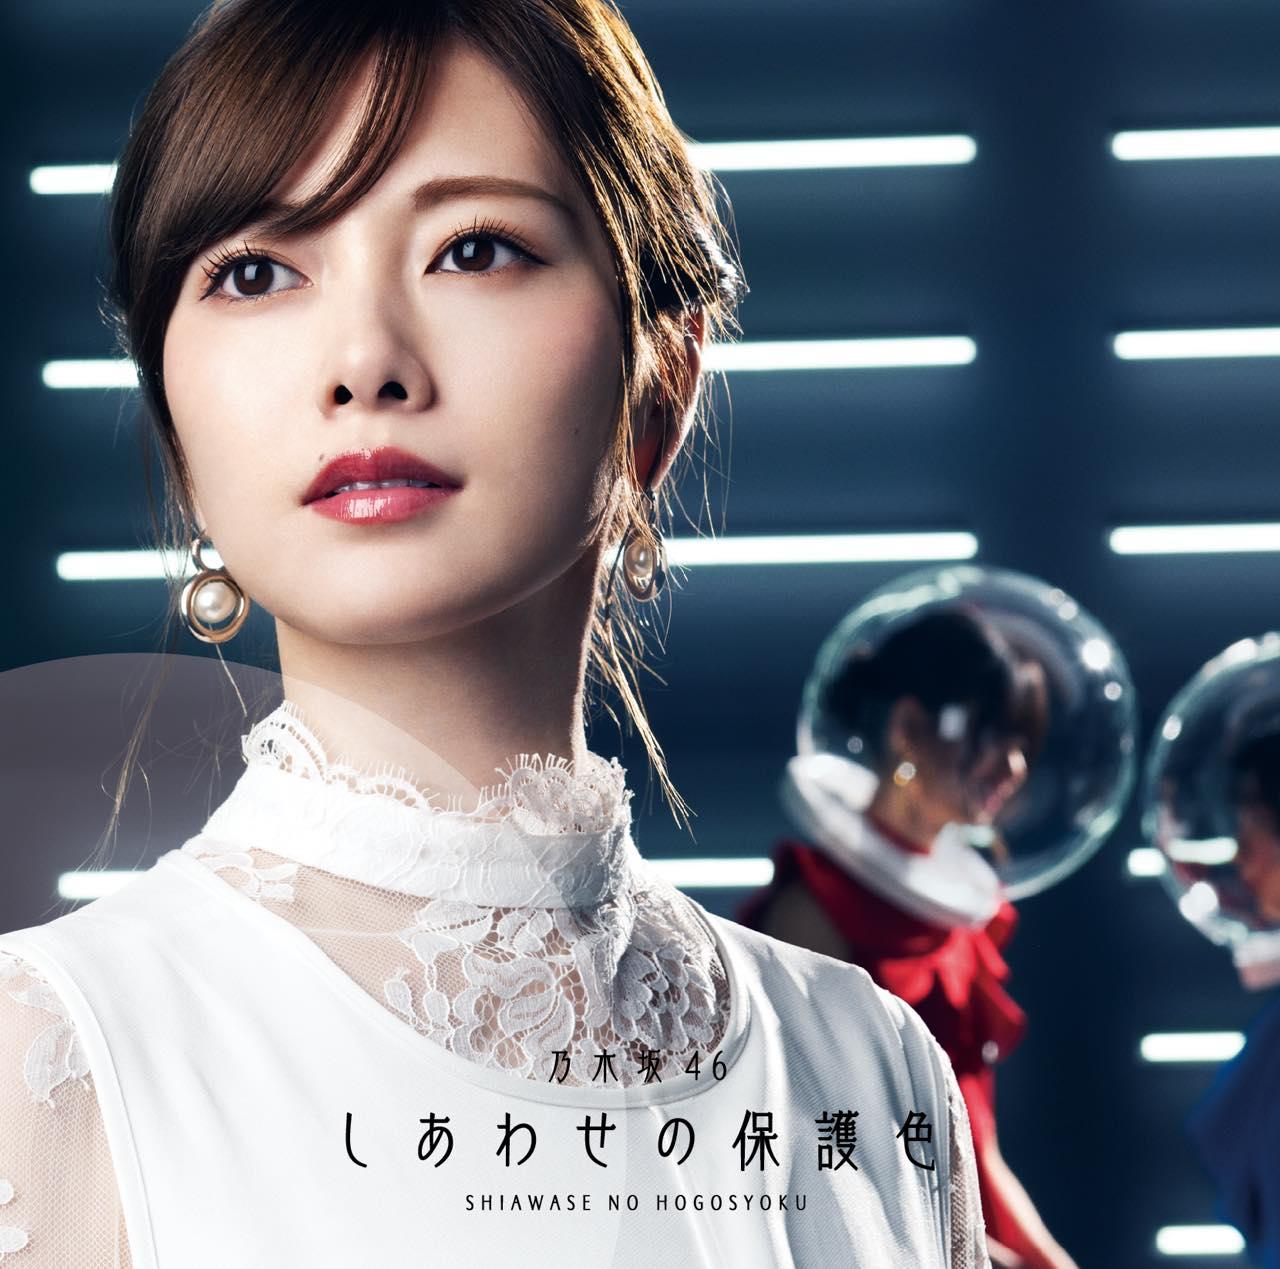 乃木坂46 25thシングル「しあわせの保護色」